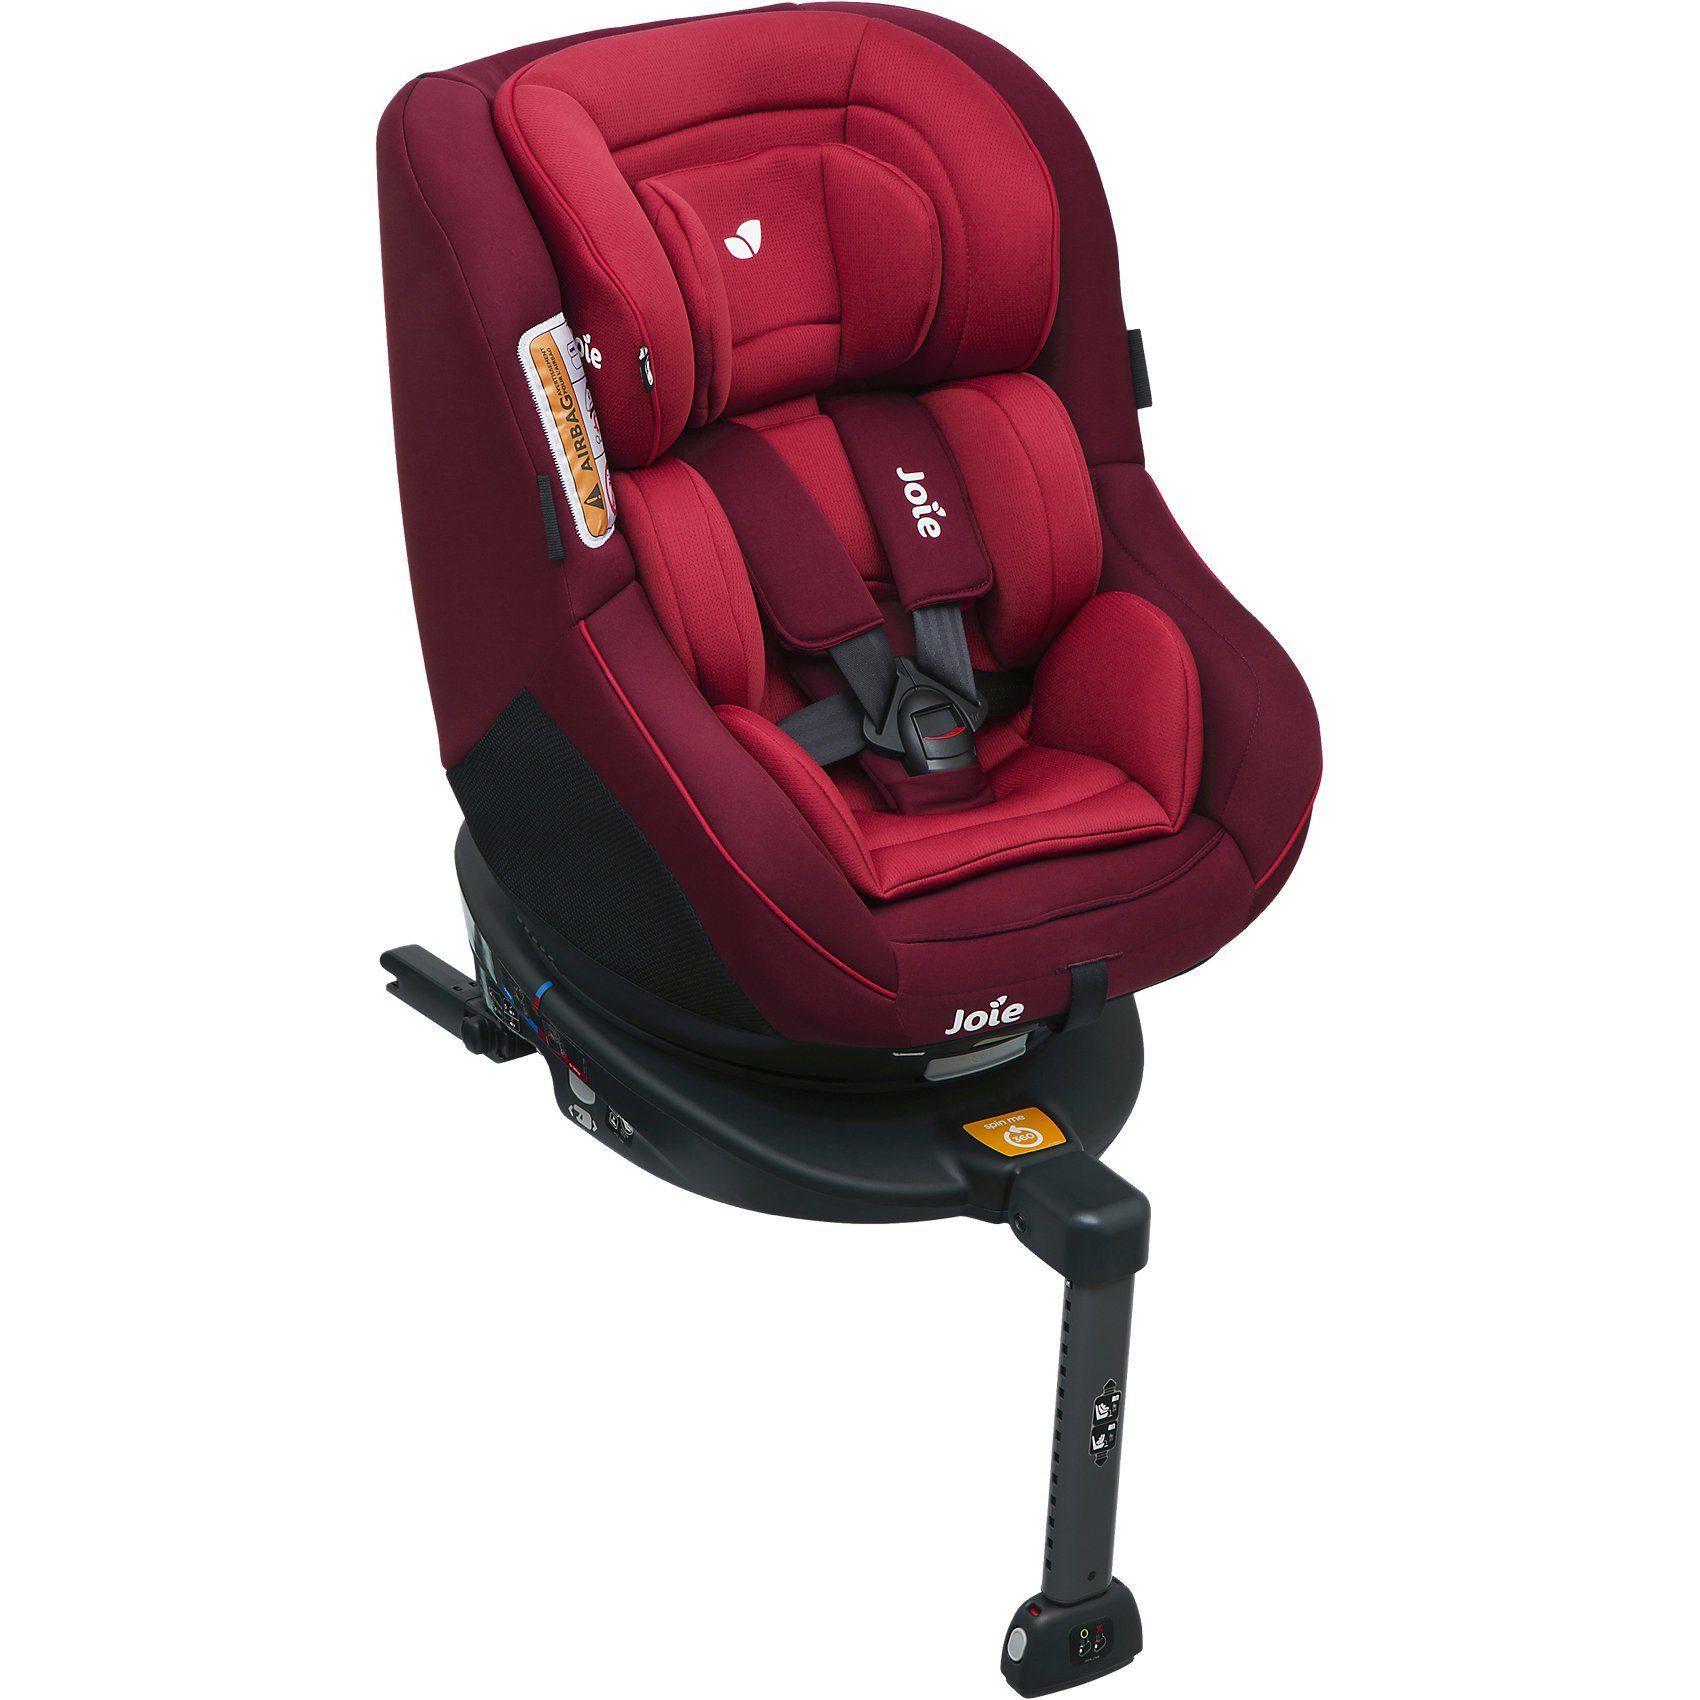 Joie Auto-Kindersitz Spin 360, Merlot